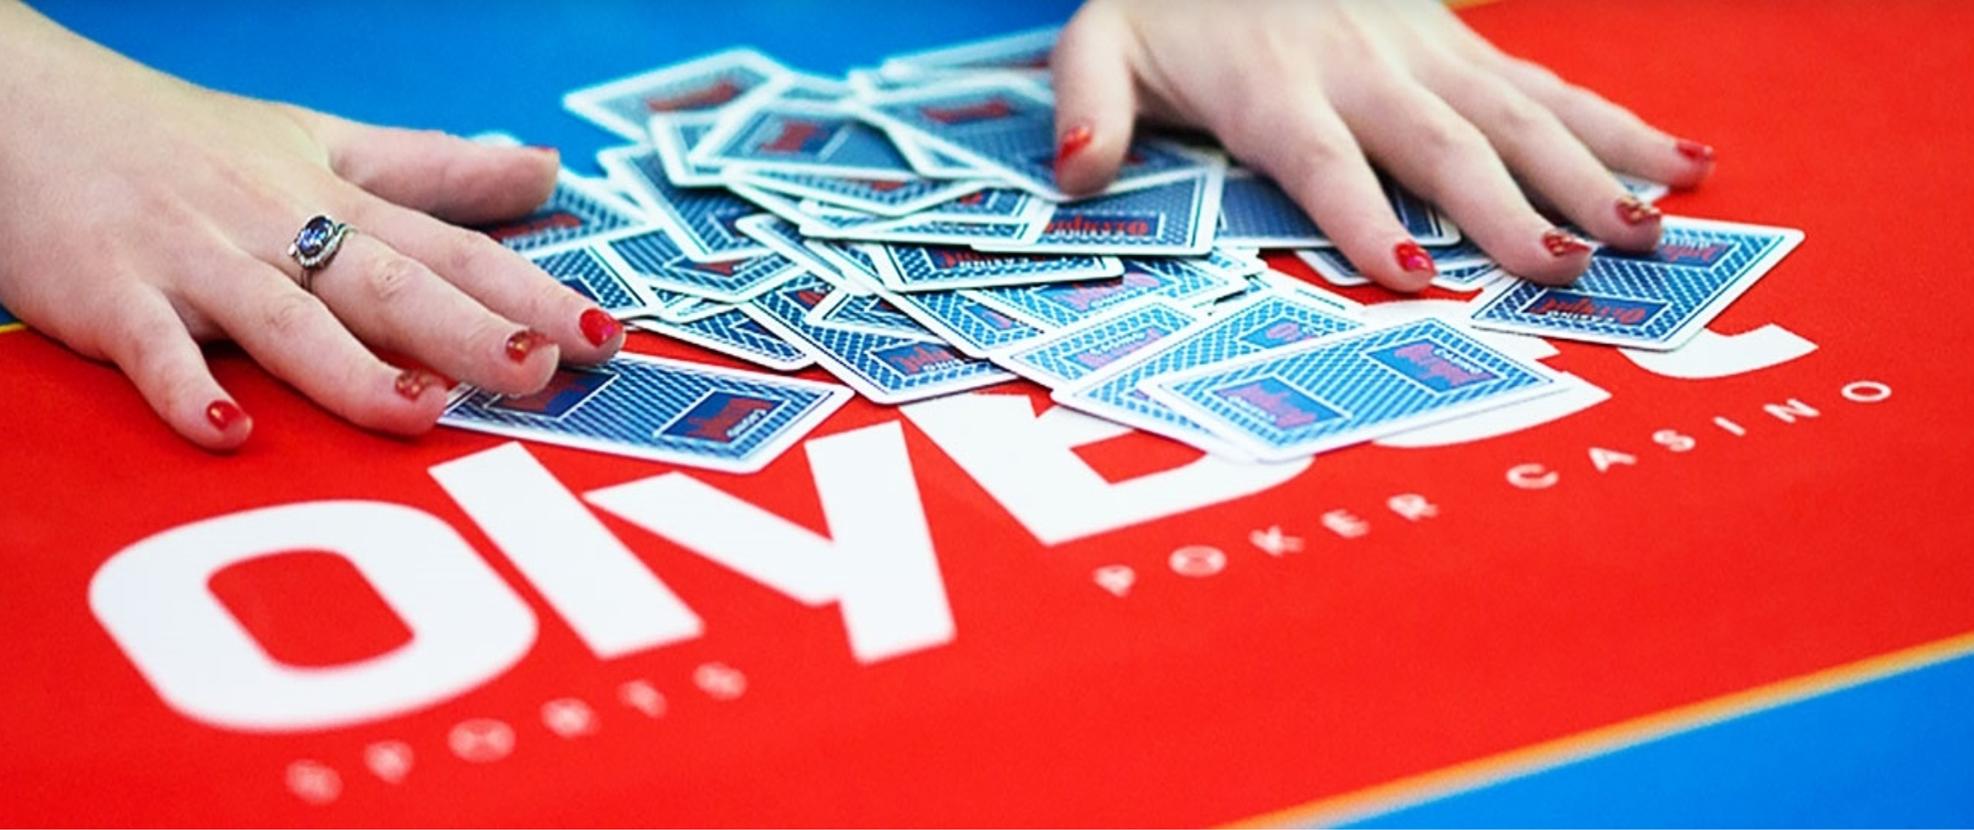 Pokera Freeroll Hunters Olybet poker casino online